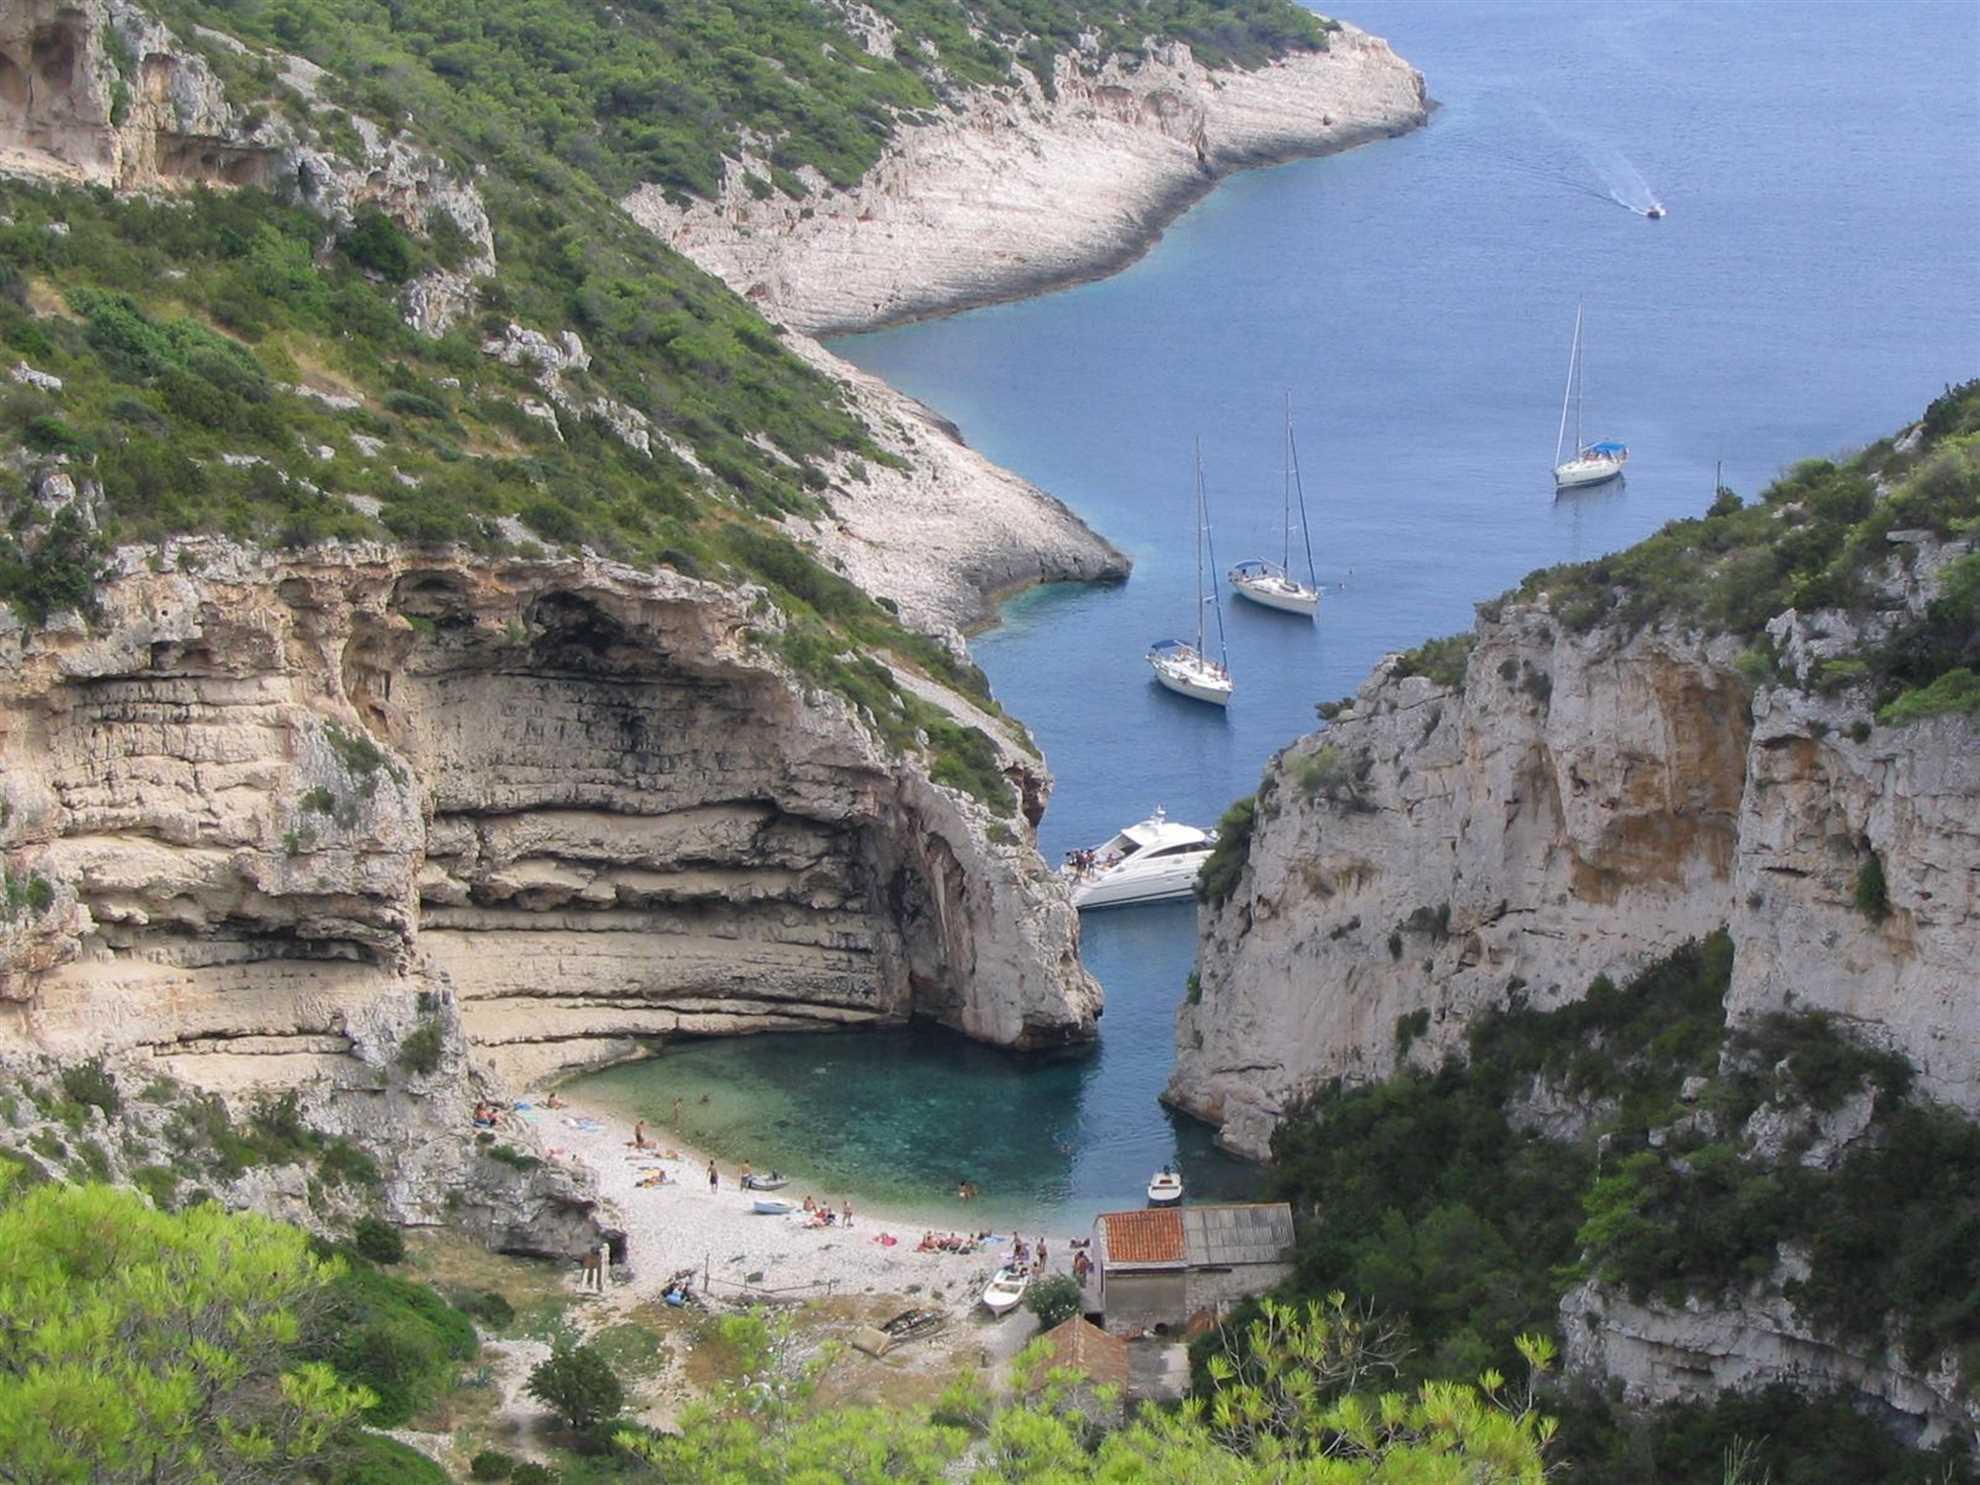 Mala Stiniva Bay, Vis, Kroatien